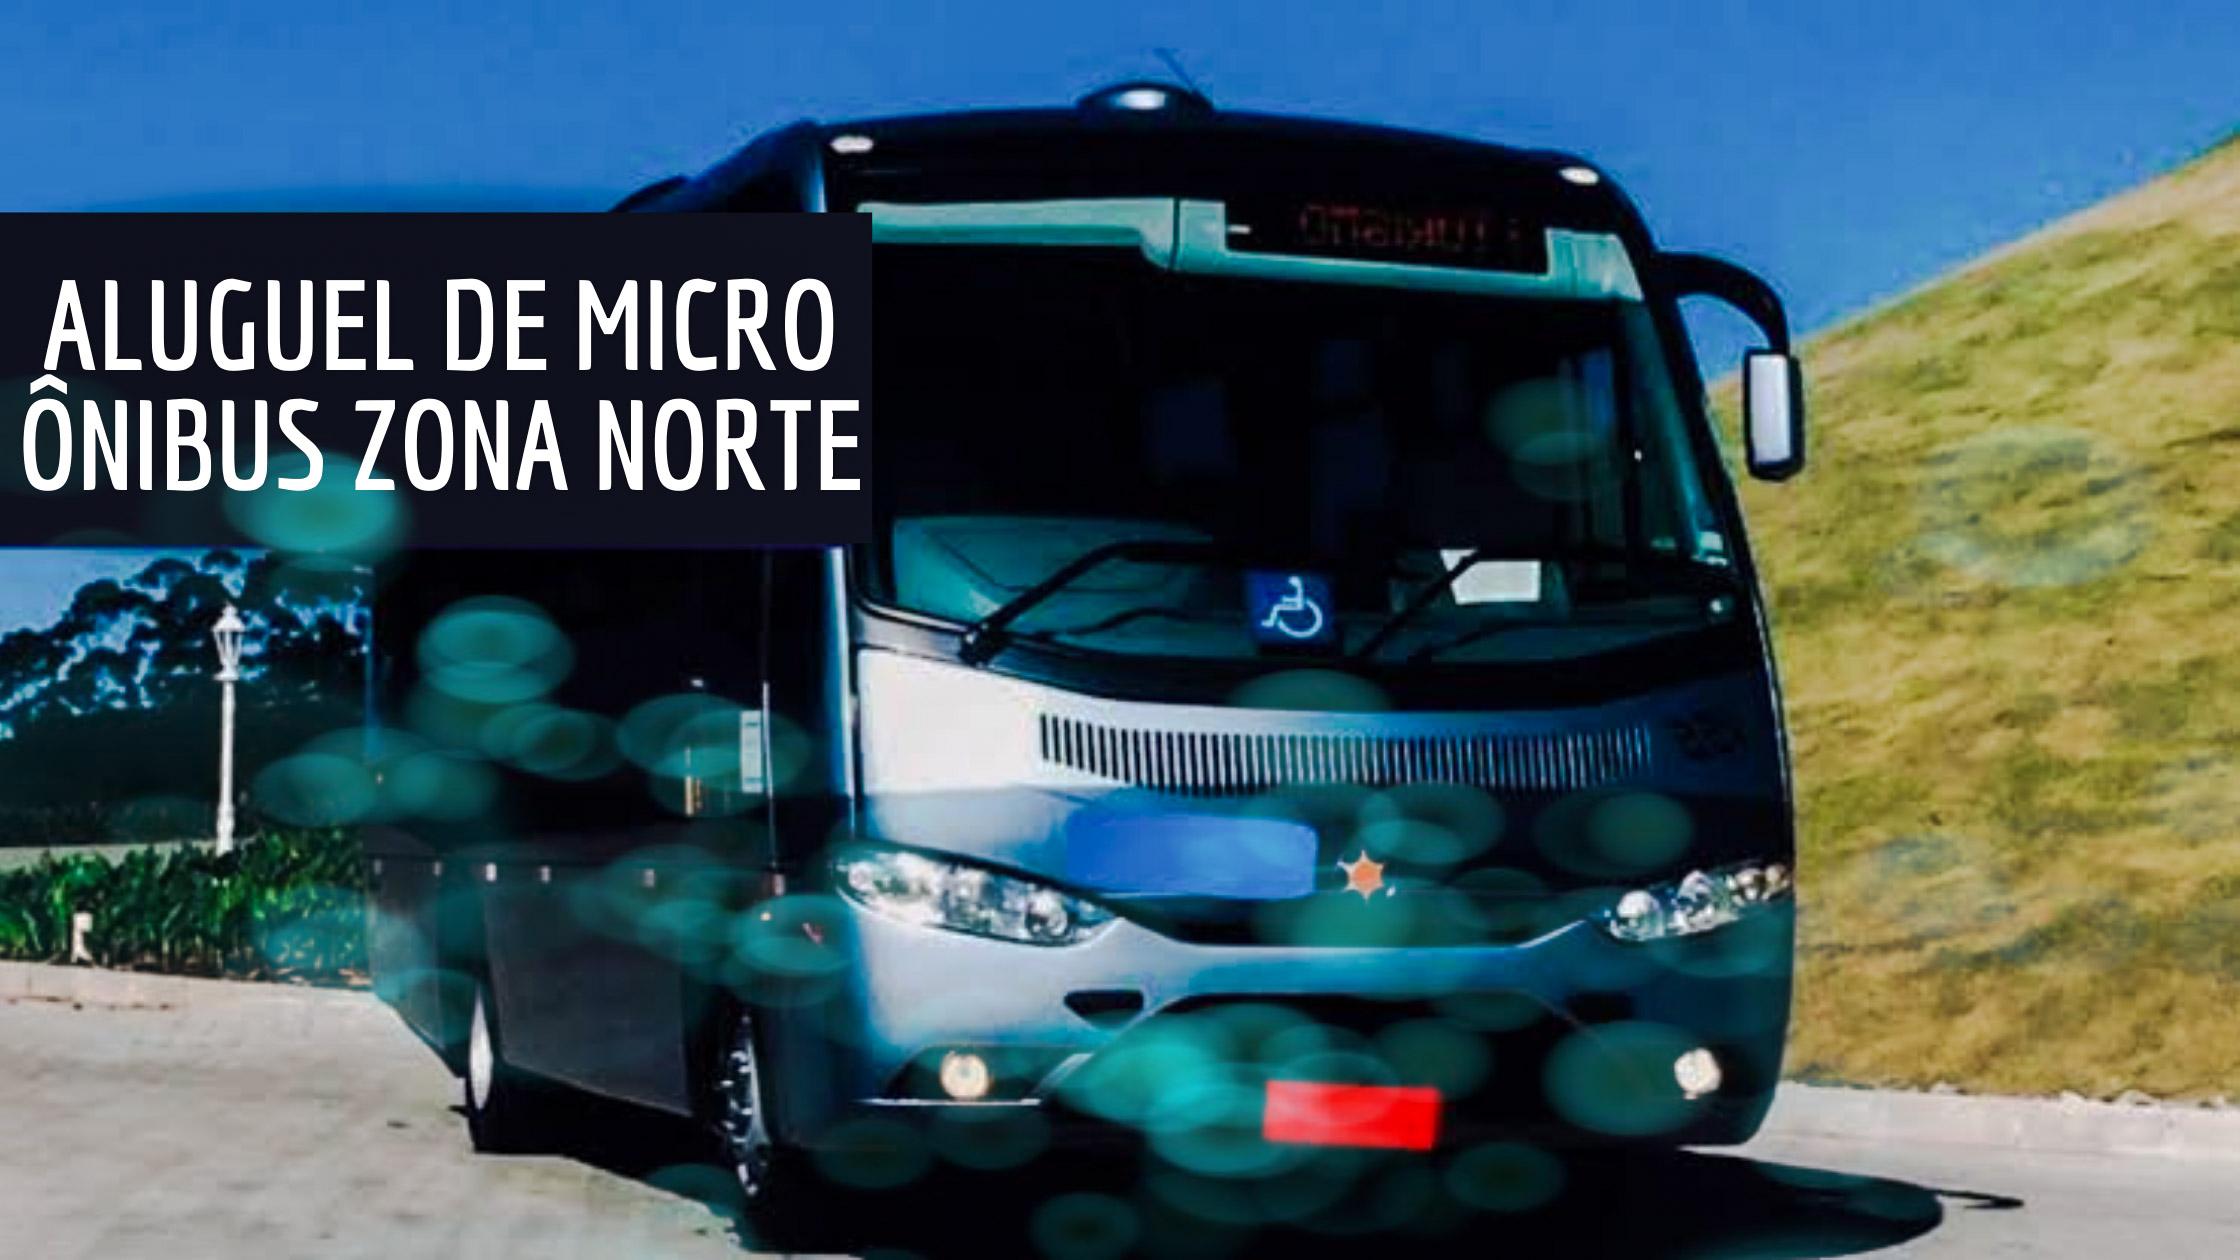 Aluguel-de-Micro-onibus-zona-norte